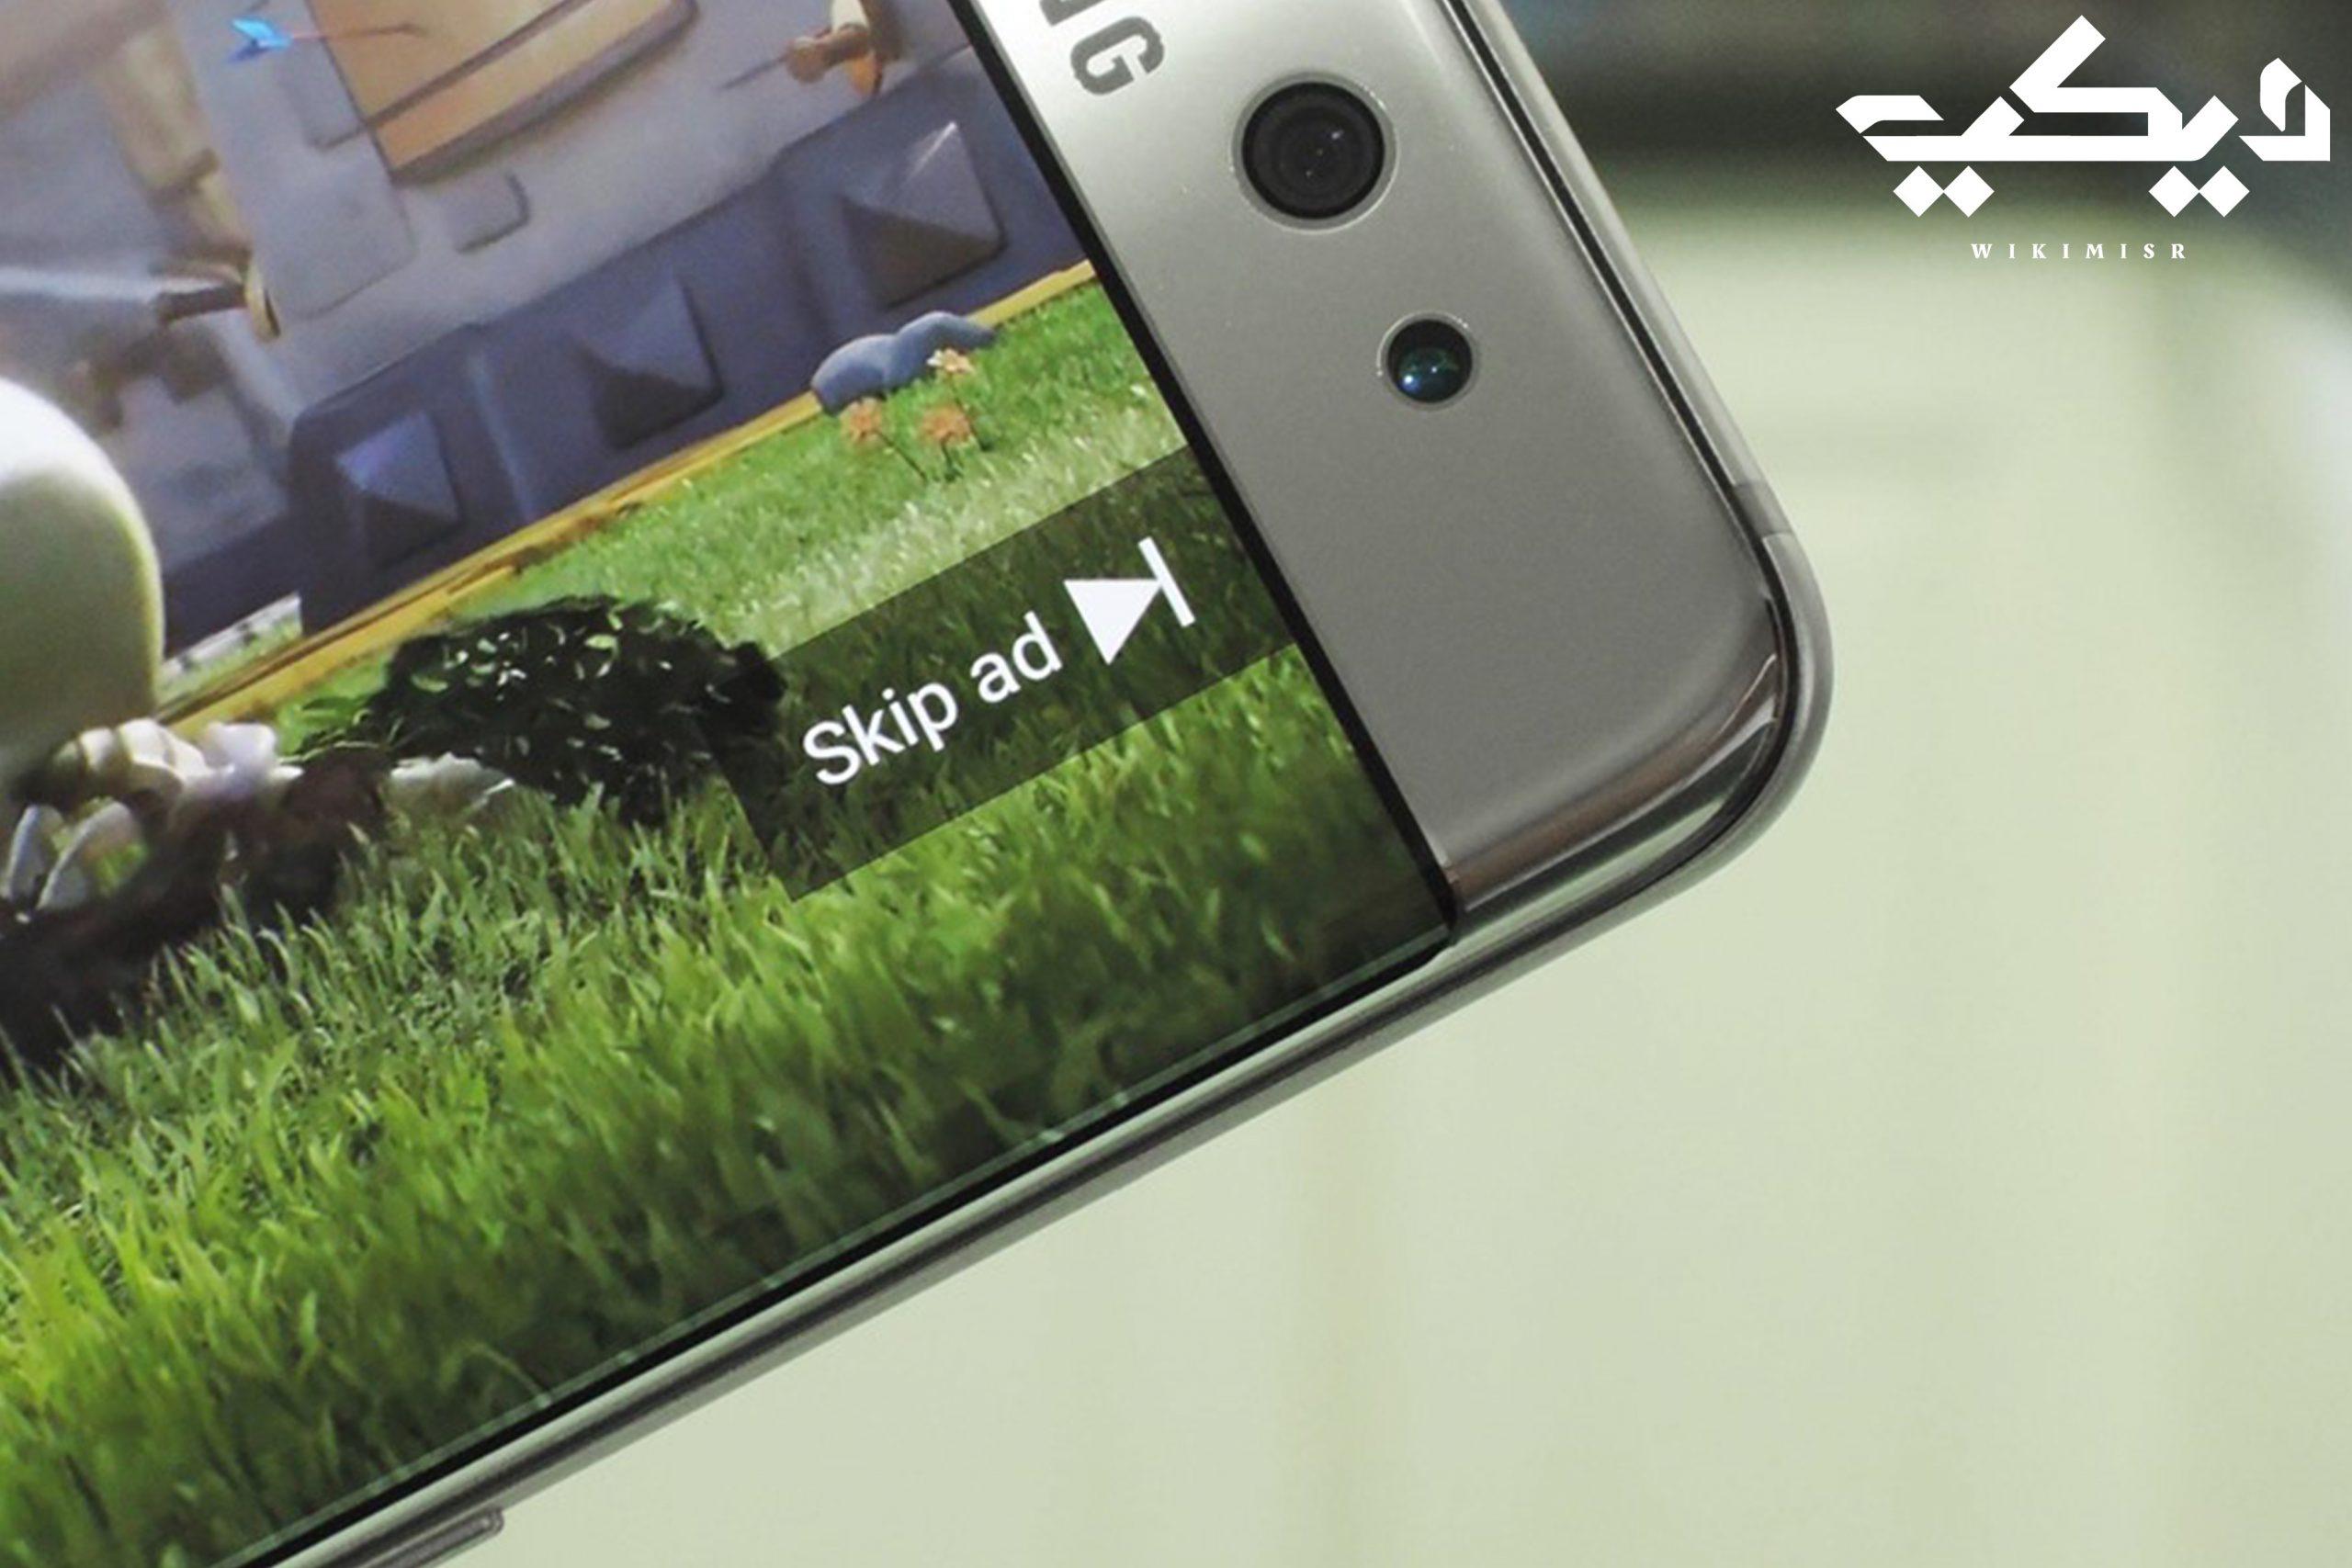 كيفية منع الإعلانات على هواتف أندرويد بدون تطبيقات 2021